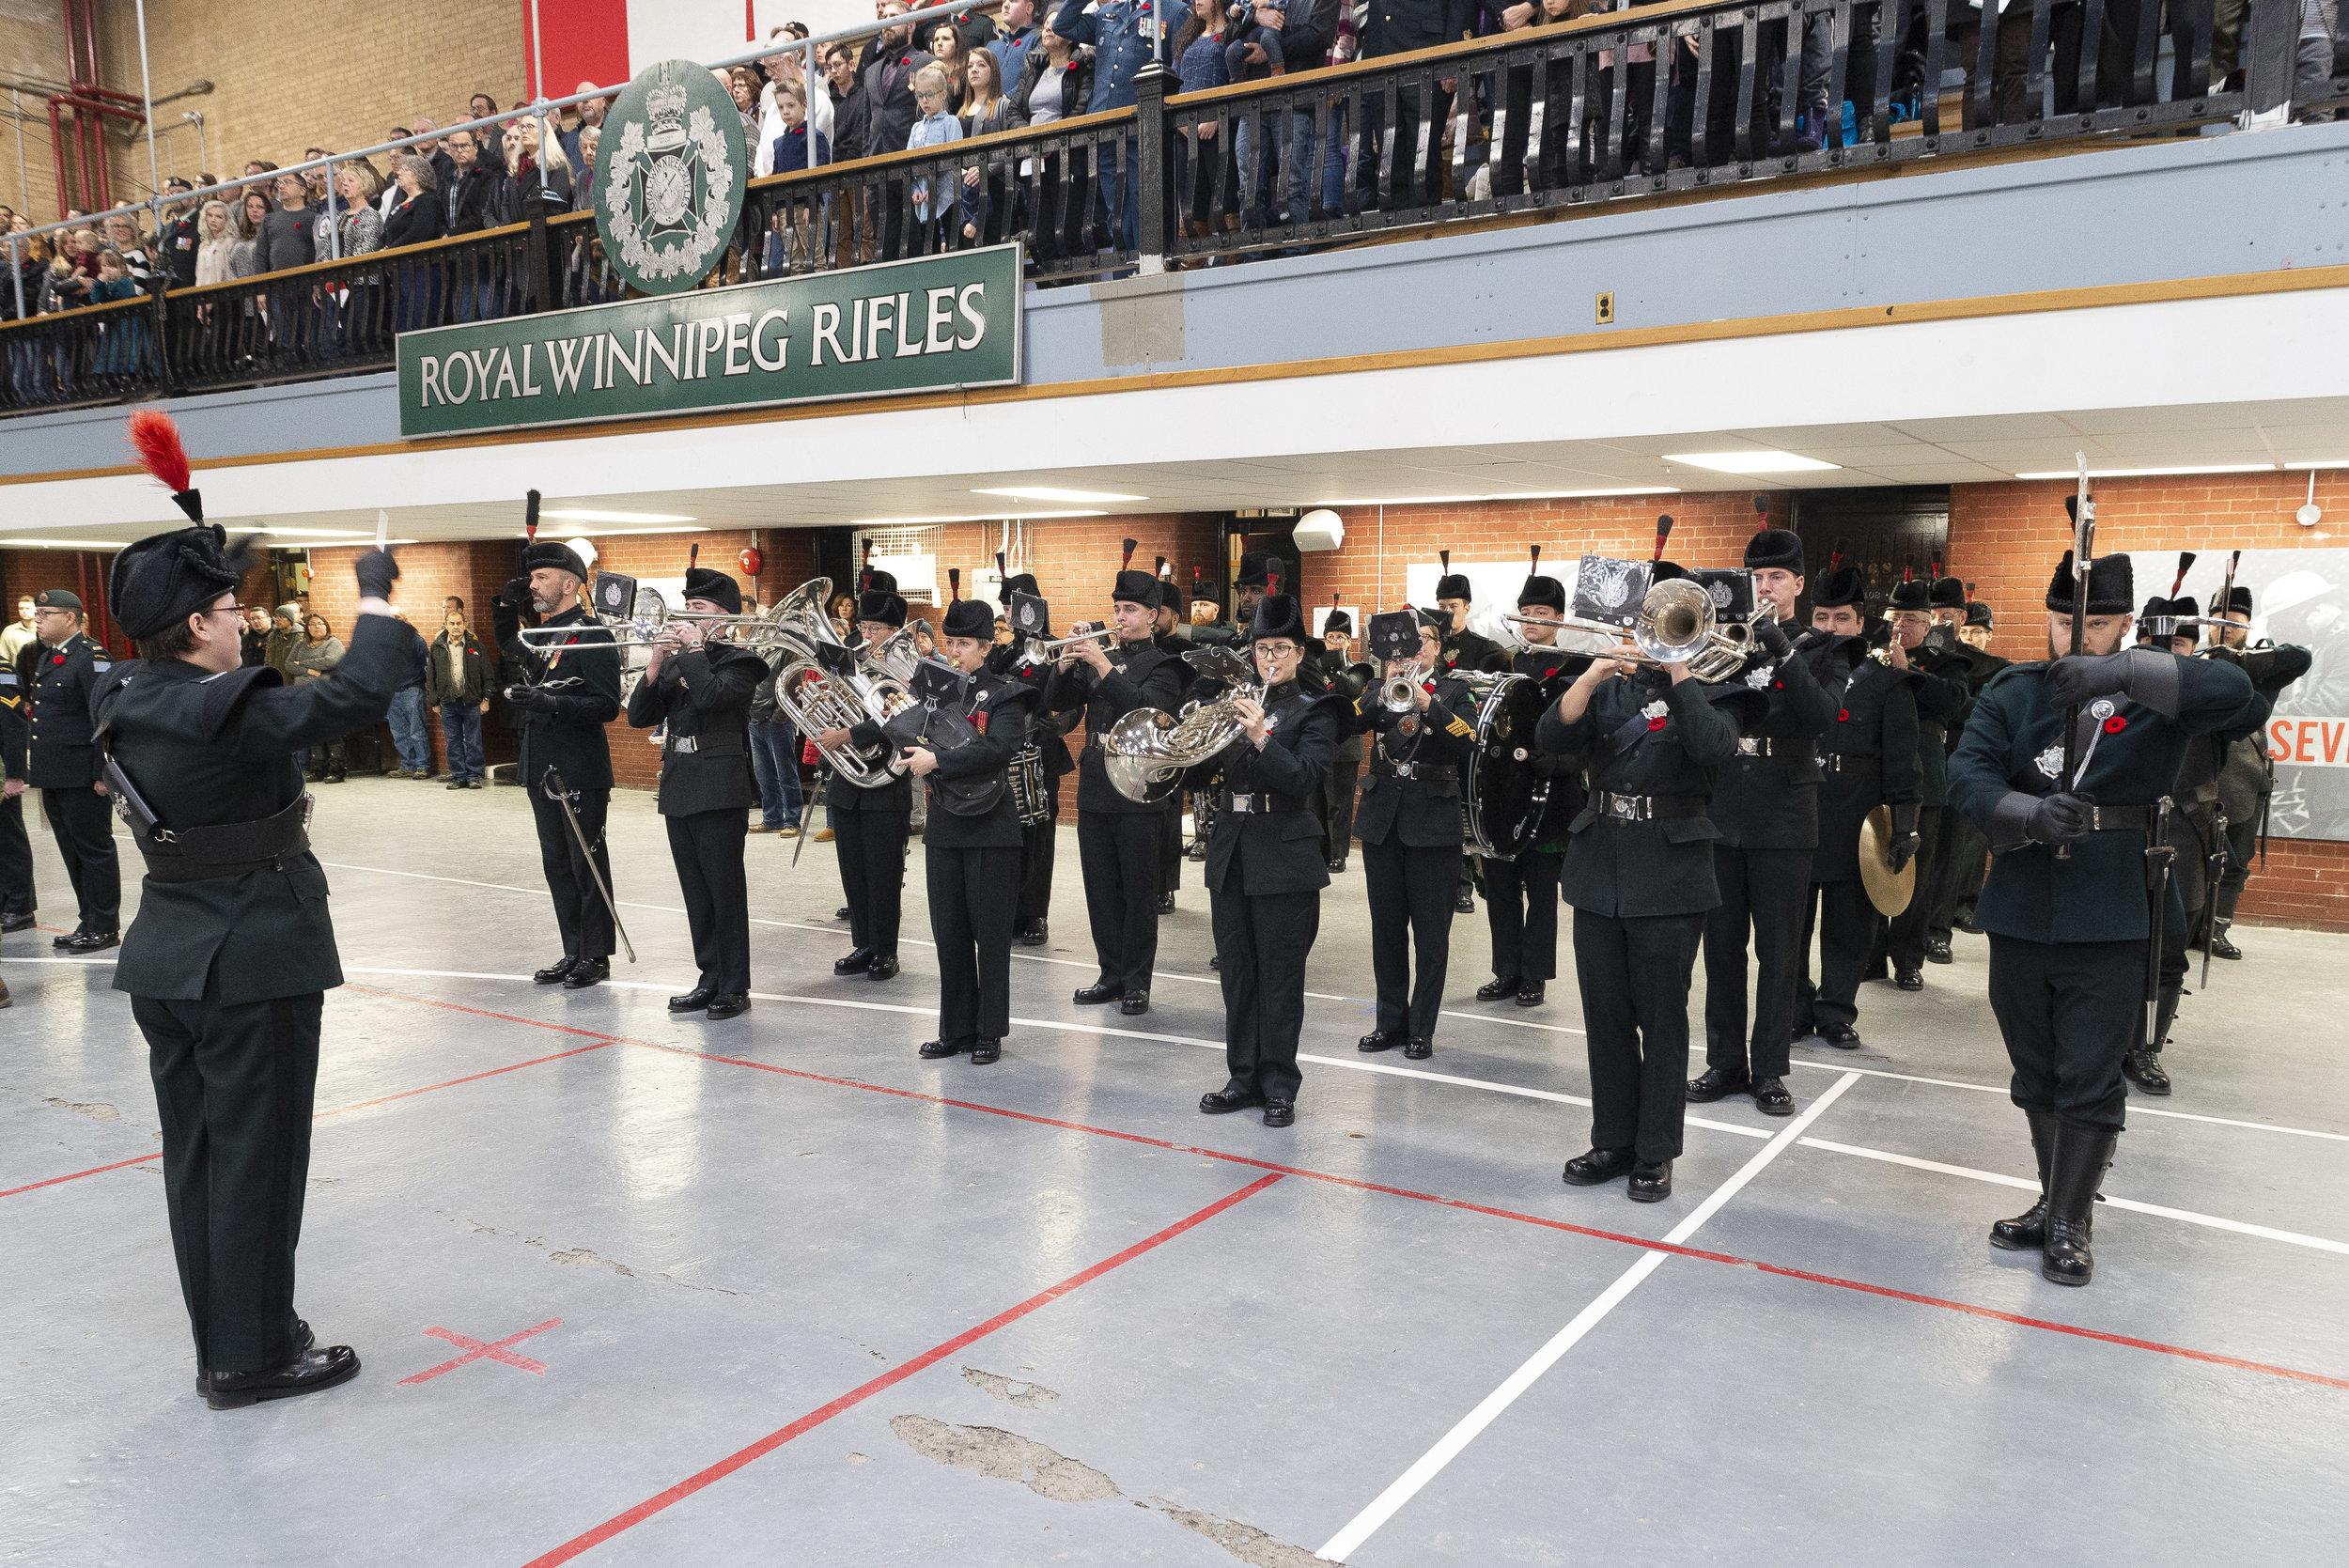 Photo: 38 Brigade Public Affairs